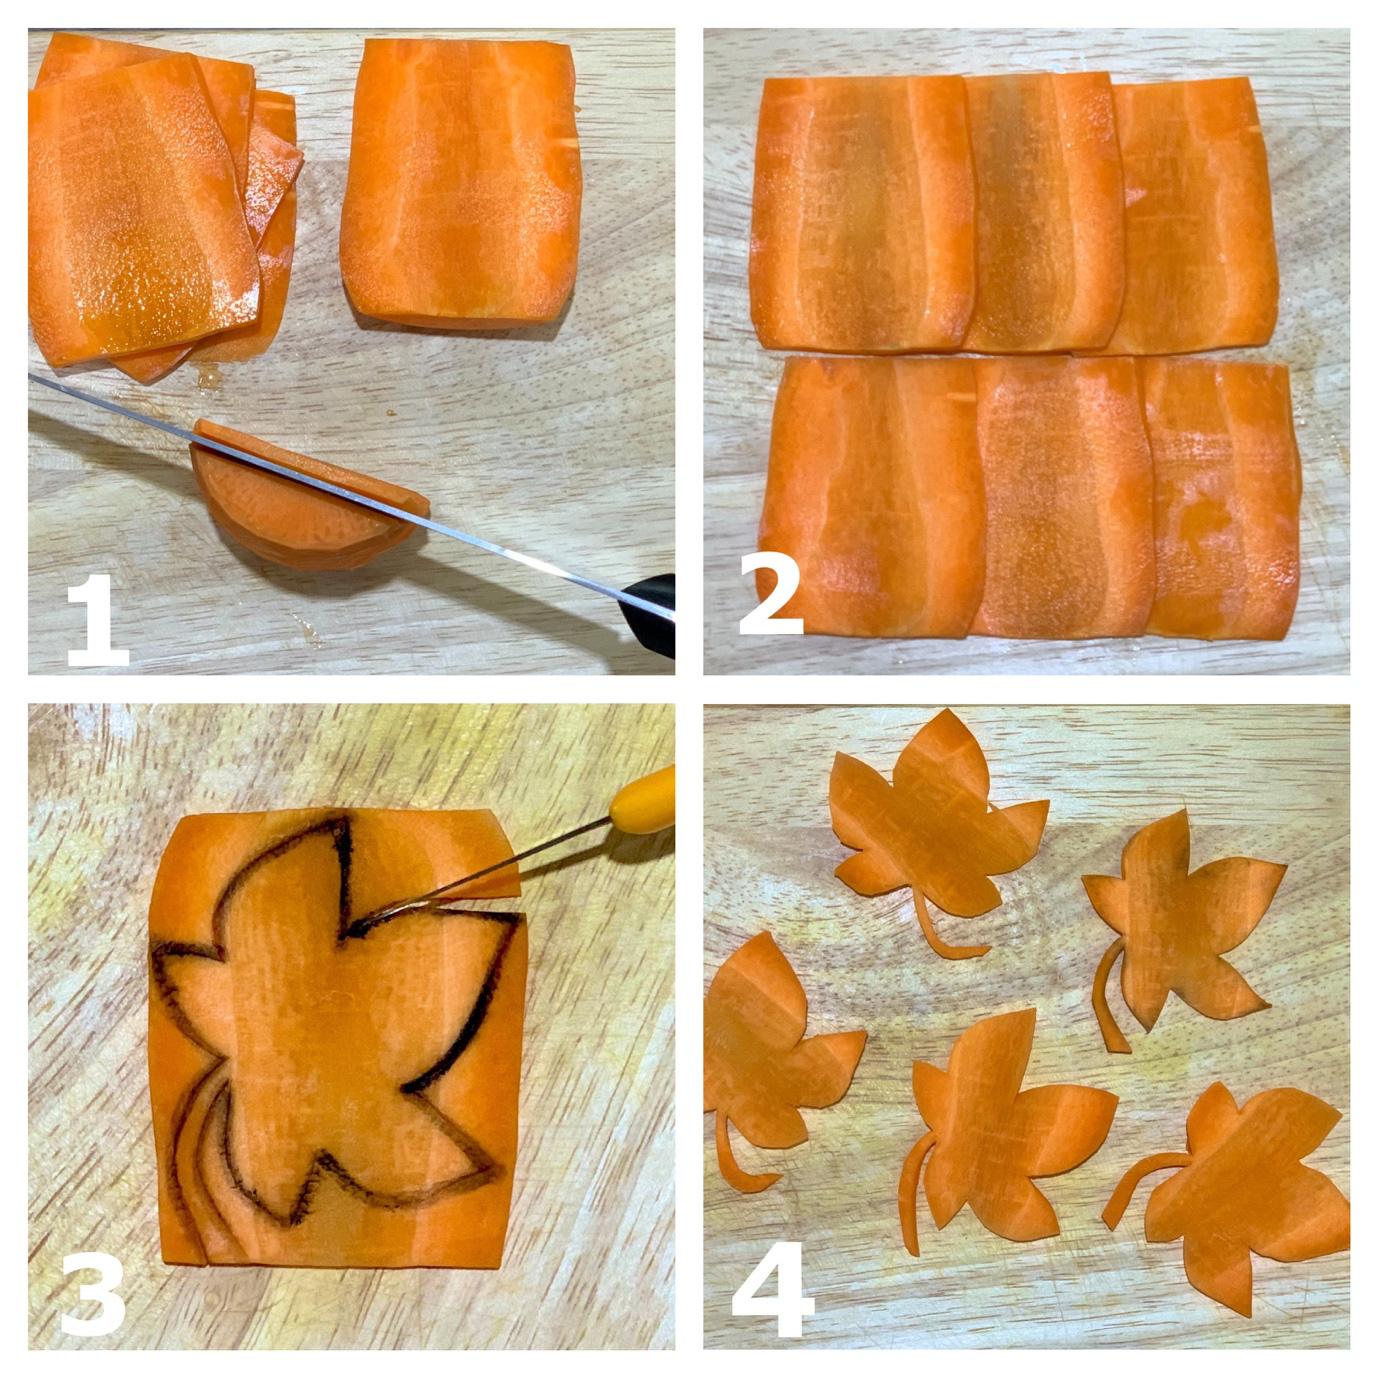 Việt Nam không có lá phong, học ngay cách cắt tỉa cà rốt thành lá phong trang trí đĩa ăn thật lãng mạn - Ảnh 3.